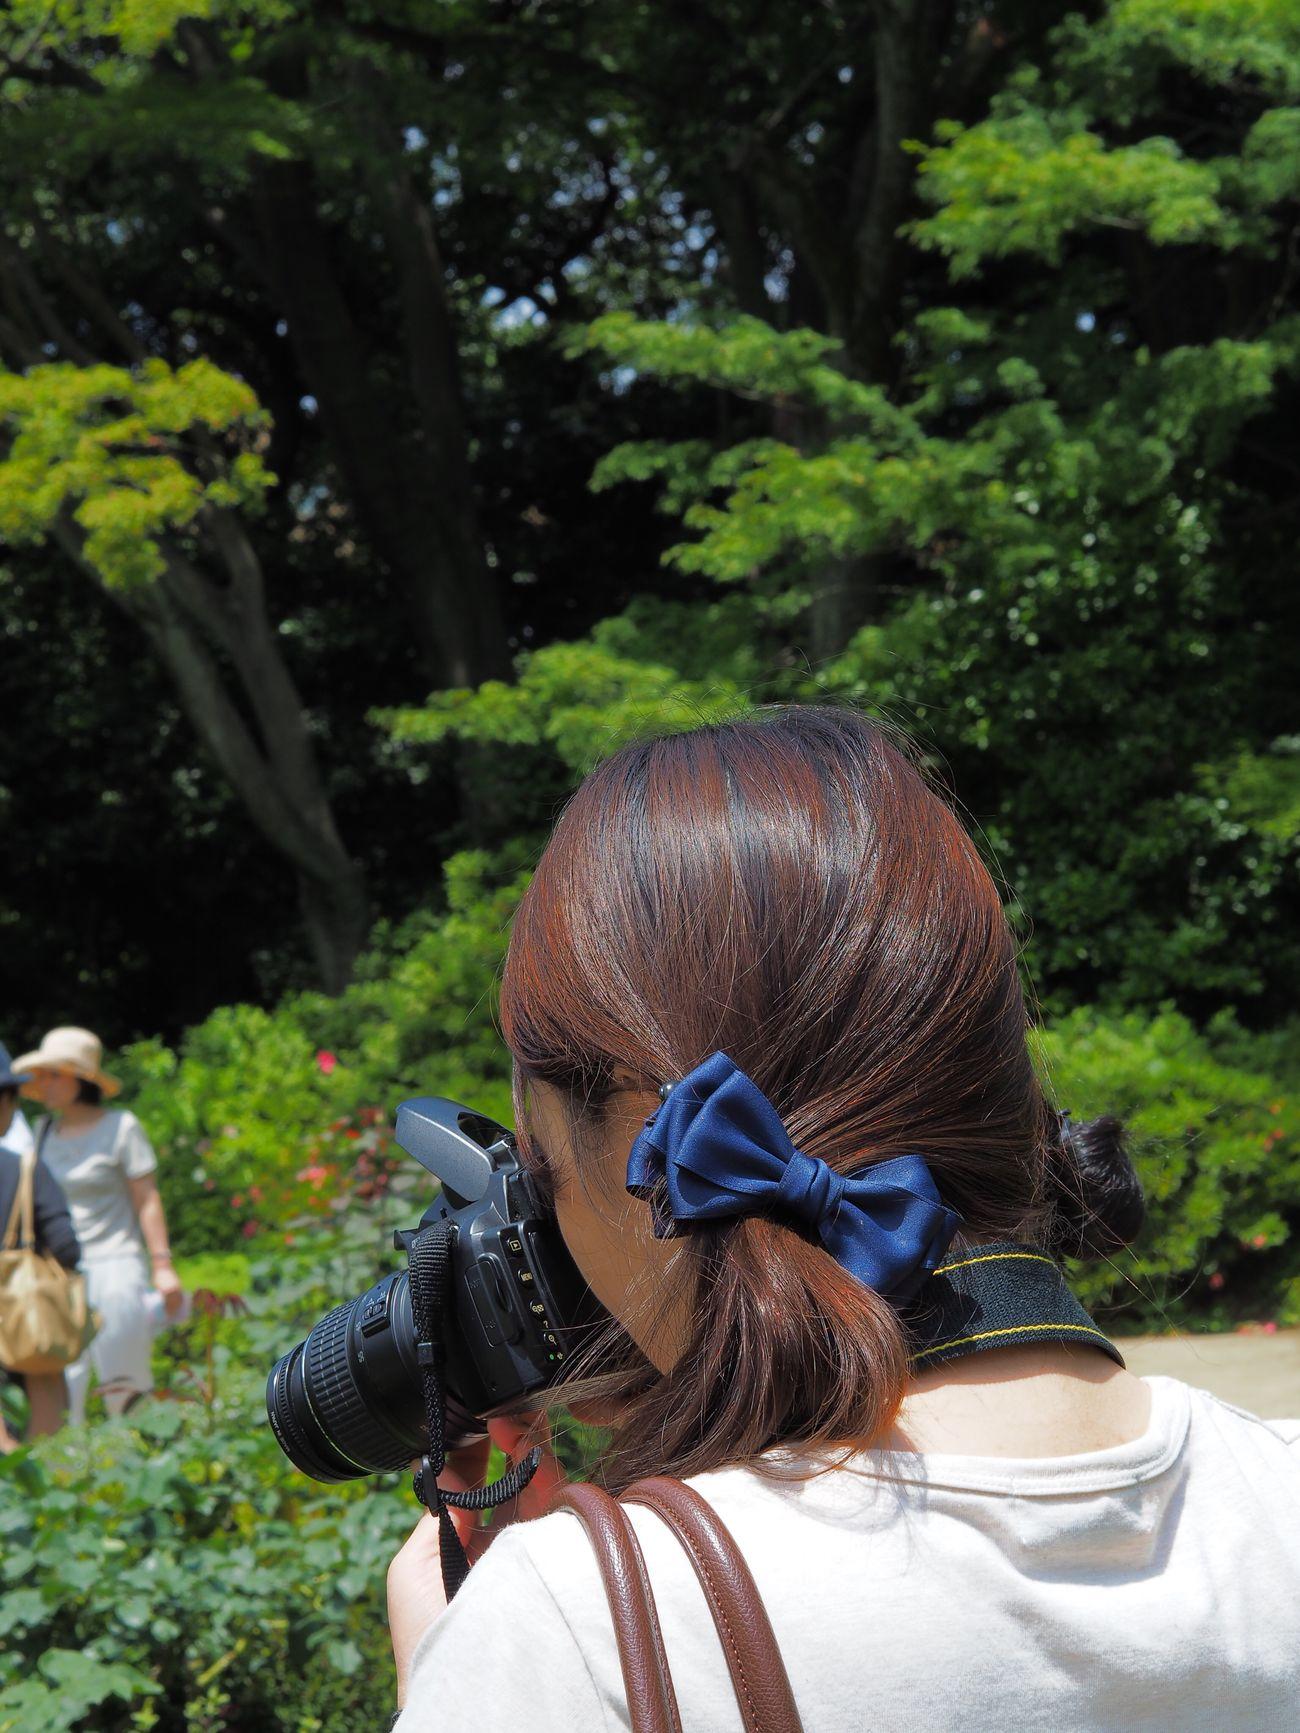 よく見かけるカメラ女子って、まずミラーレスじゃなくてキヤノンかニコンの一眼レフを使っていて、うんこ座りして首をありえない角度に曲げてファインダーを覗きながらローアングル撮影をするような気合の入った人たちで、 Rear View One Person Beautiful Woman Digital Single-lens Reflex Camera Leisure Activity Day Lifestyles Young Woman Young Adult Garden Snapshot Snapshots Of Life Japan Photography Olympus OM-D E-M5 Mk.II オリンパスPENを首からぶら下げて、「カメラ買ったんですけどぉ〜、使い方がわからないんですぅ〜。教えてくださーい。」なんて感じでキャピキャピした、いかにもオジサン受けするカメラ女子はいない。カメラ女子の現実と幻想。